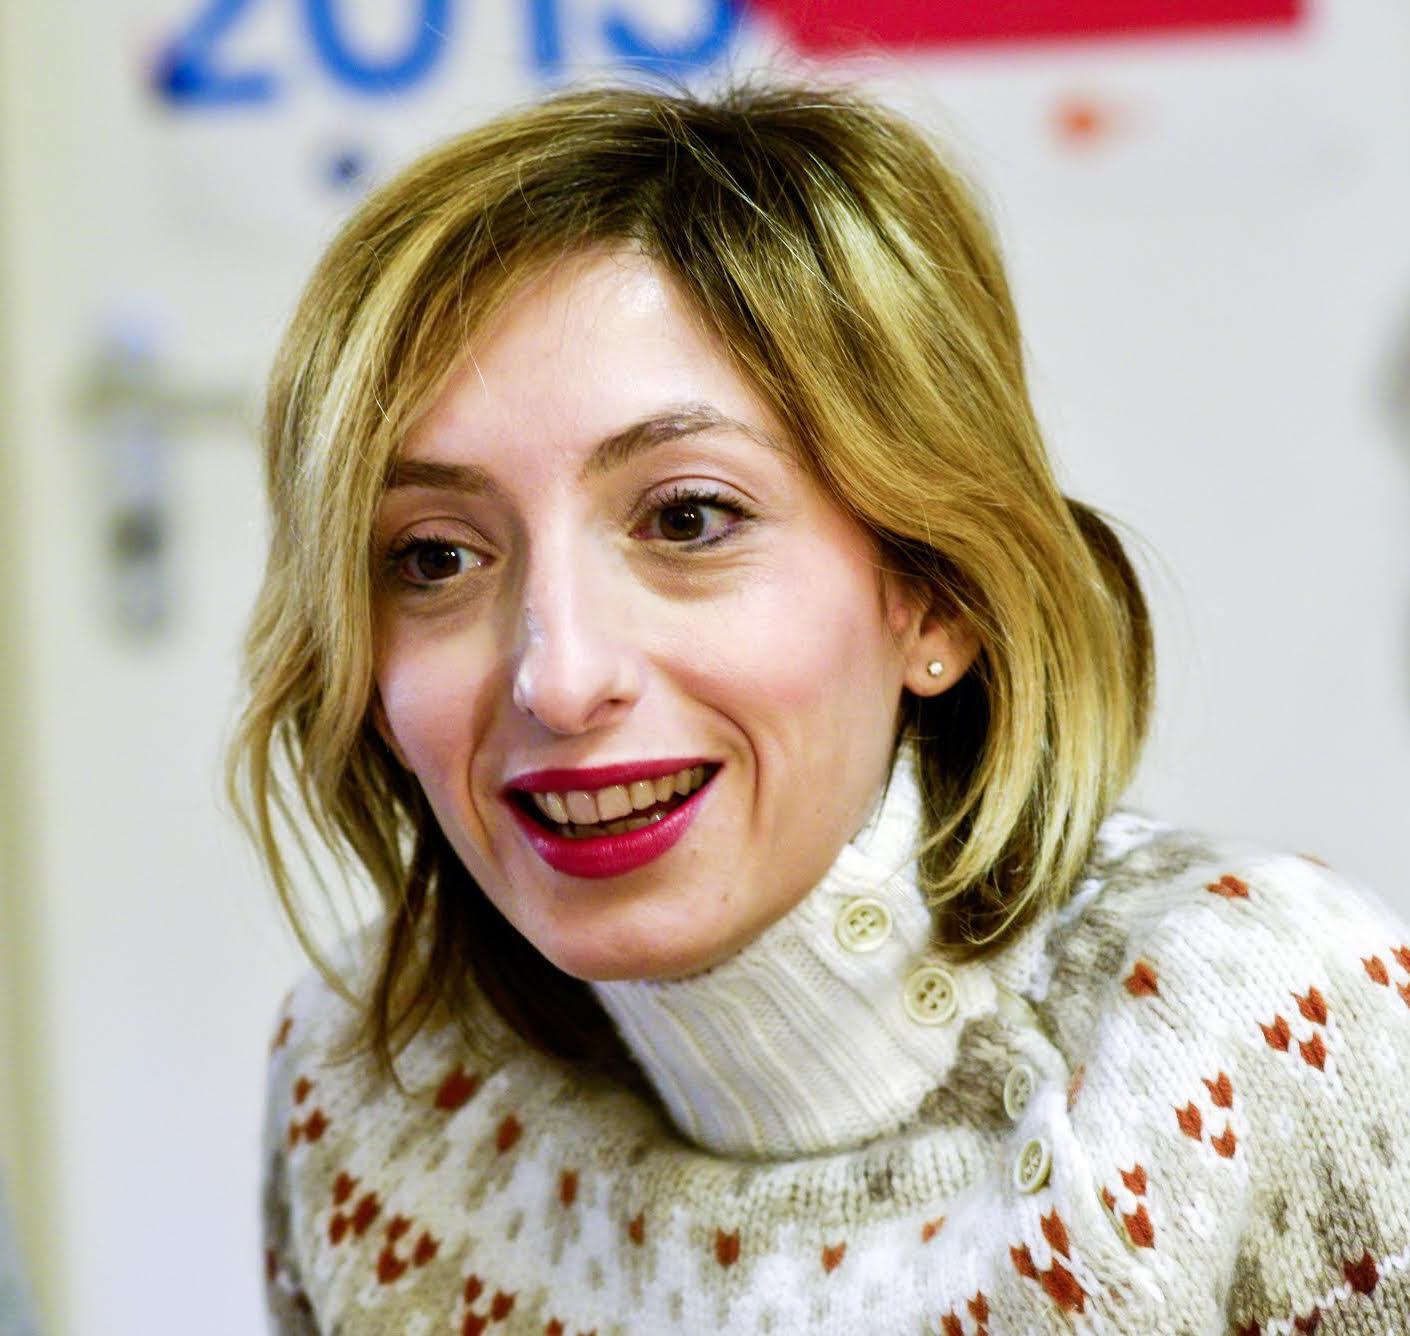 Marta Donzelli